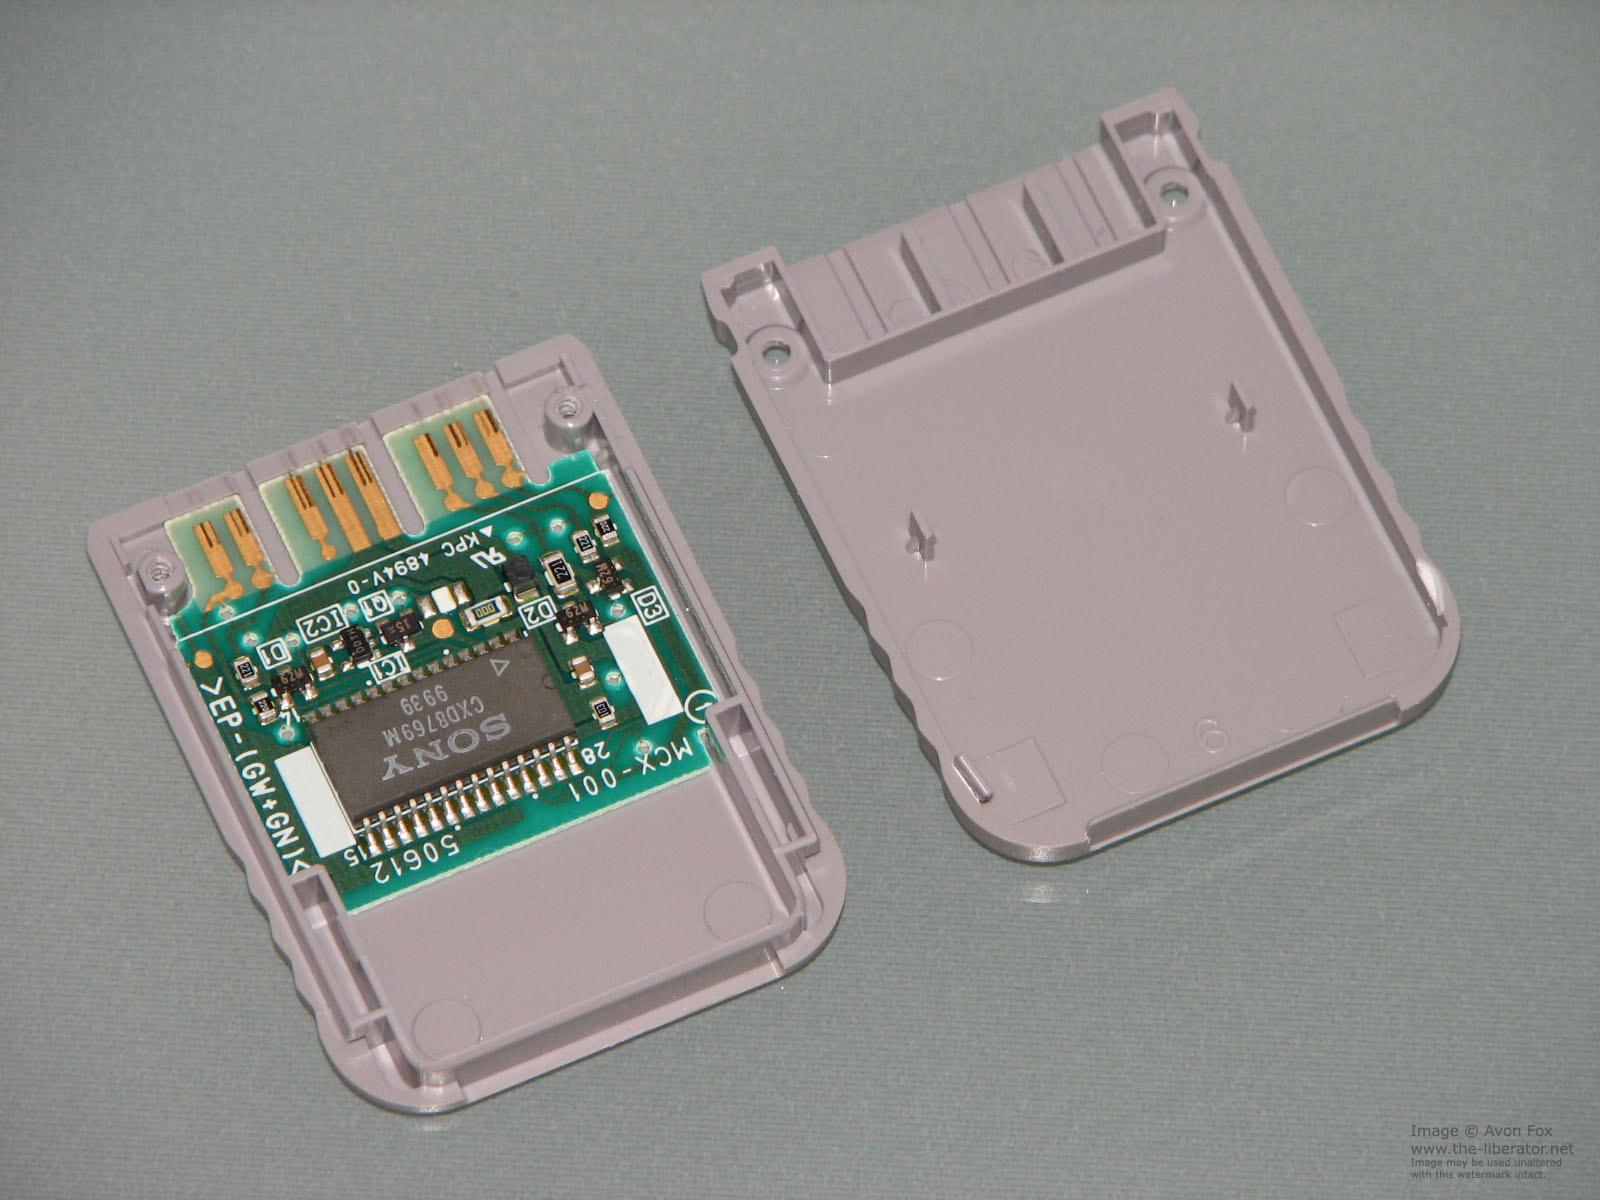 Interior de una tarjeta SD